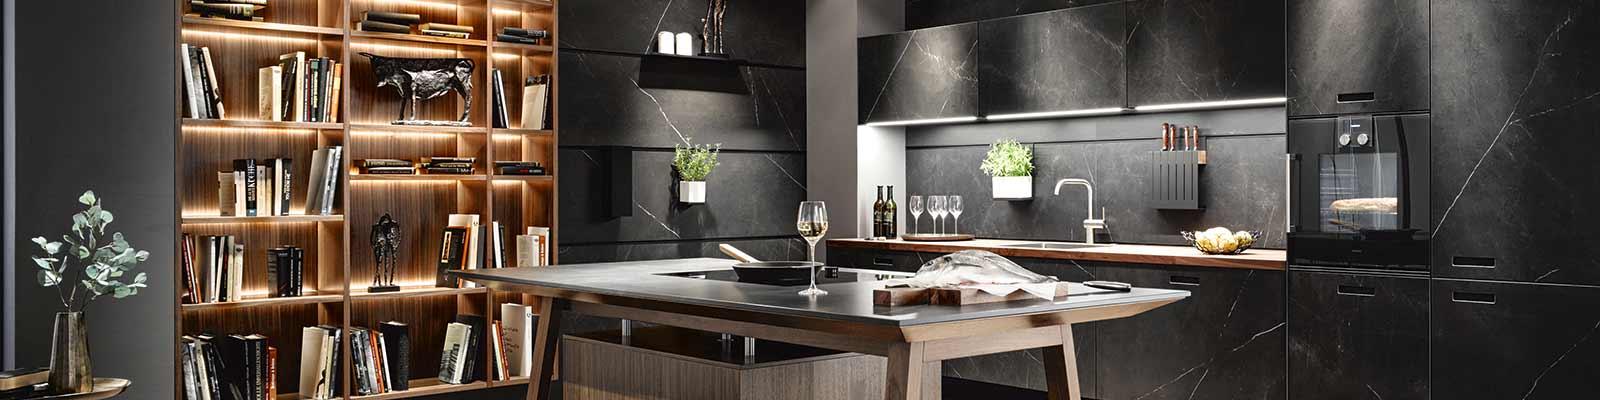 Next125 Küchen - LMT Tischlerei & Küchen